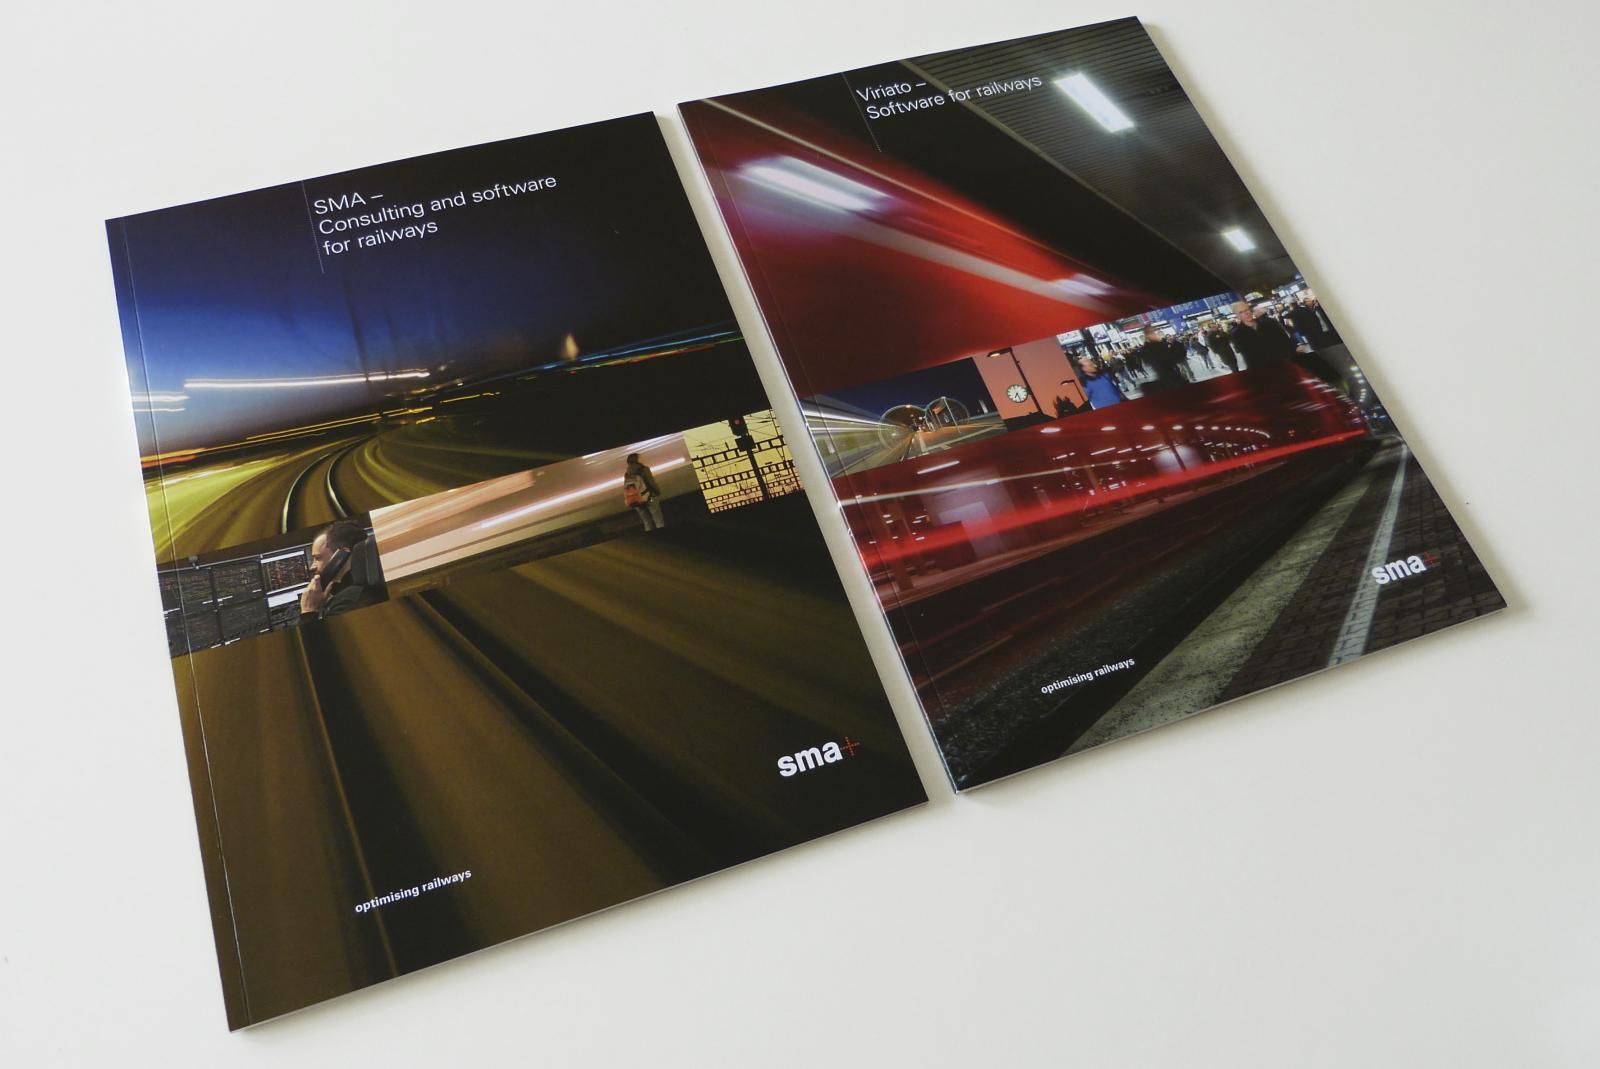 Titelblätter beider Broschüren